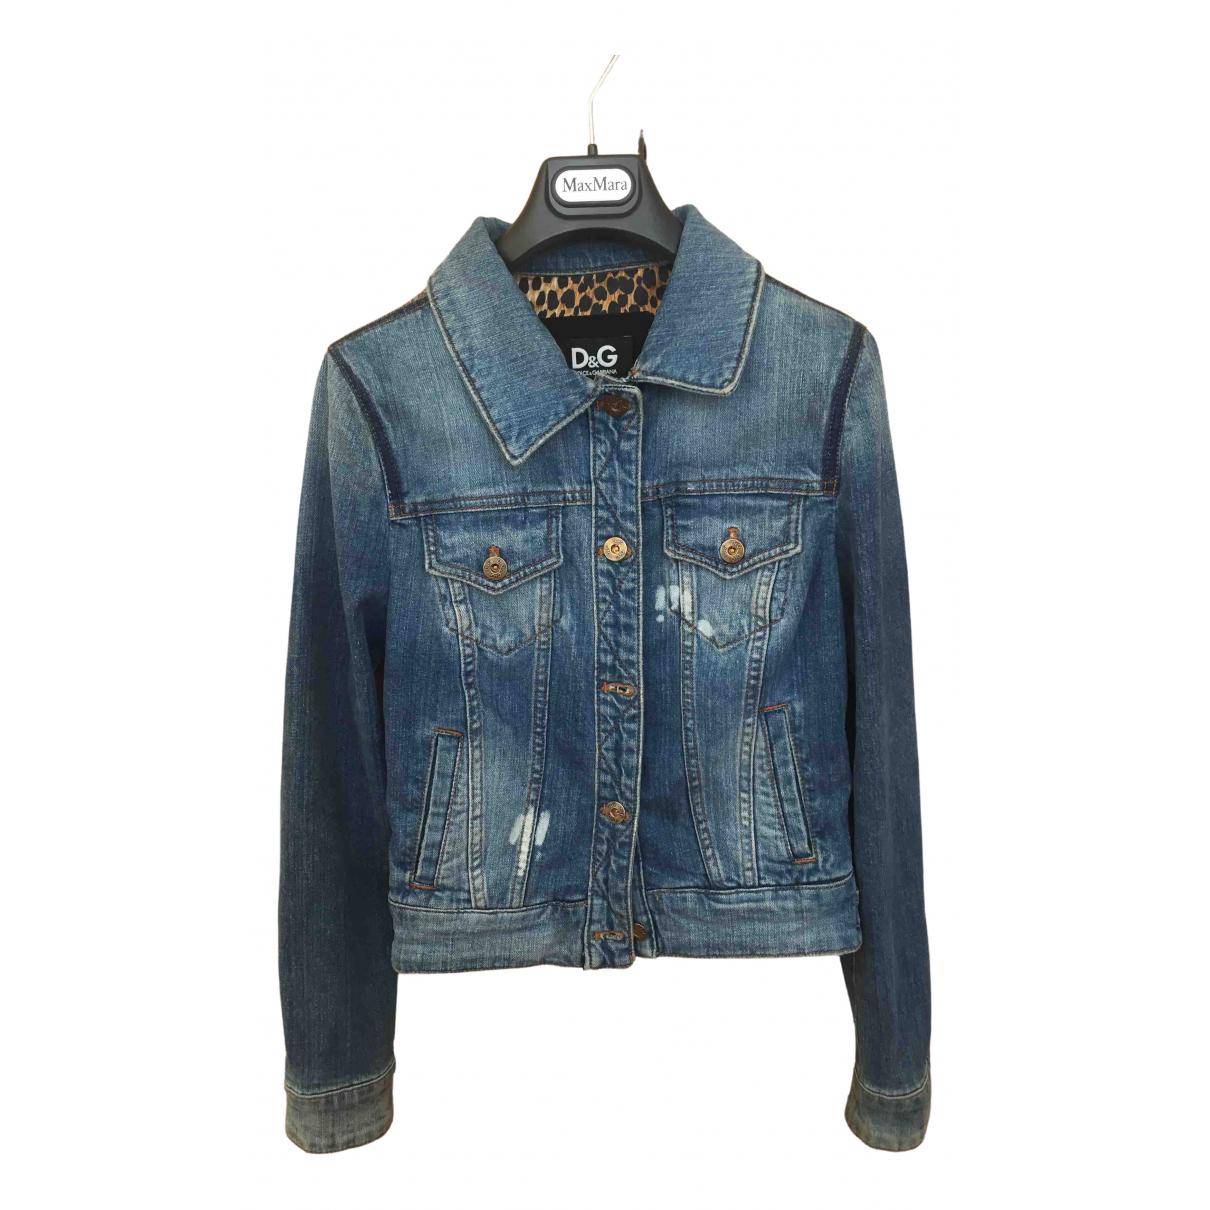 D&g \N Jacke in  Bunt Denim - Jeans